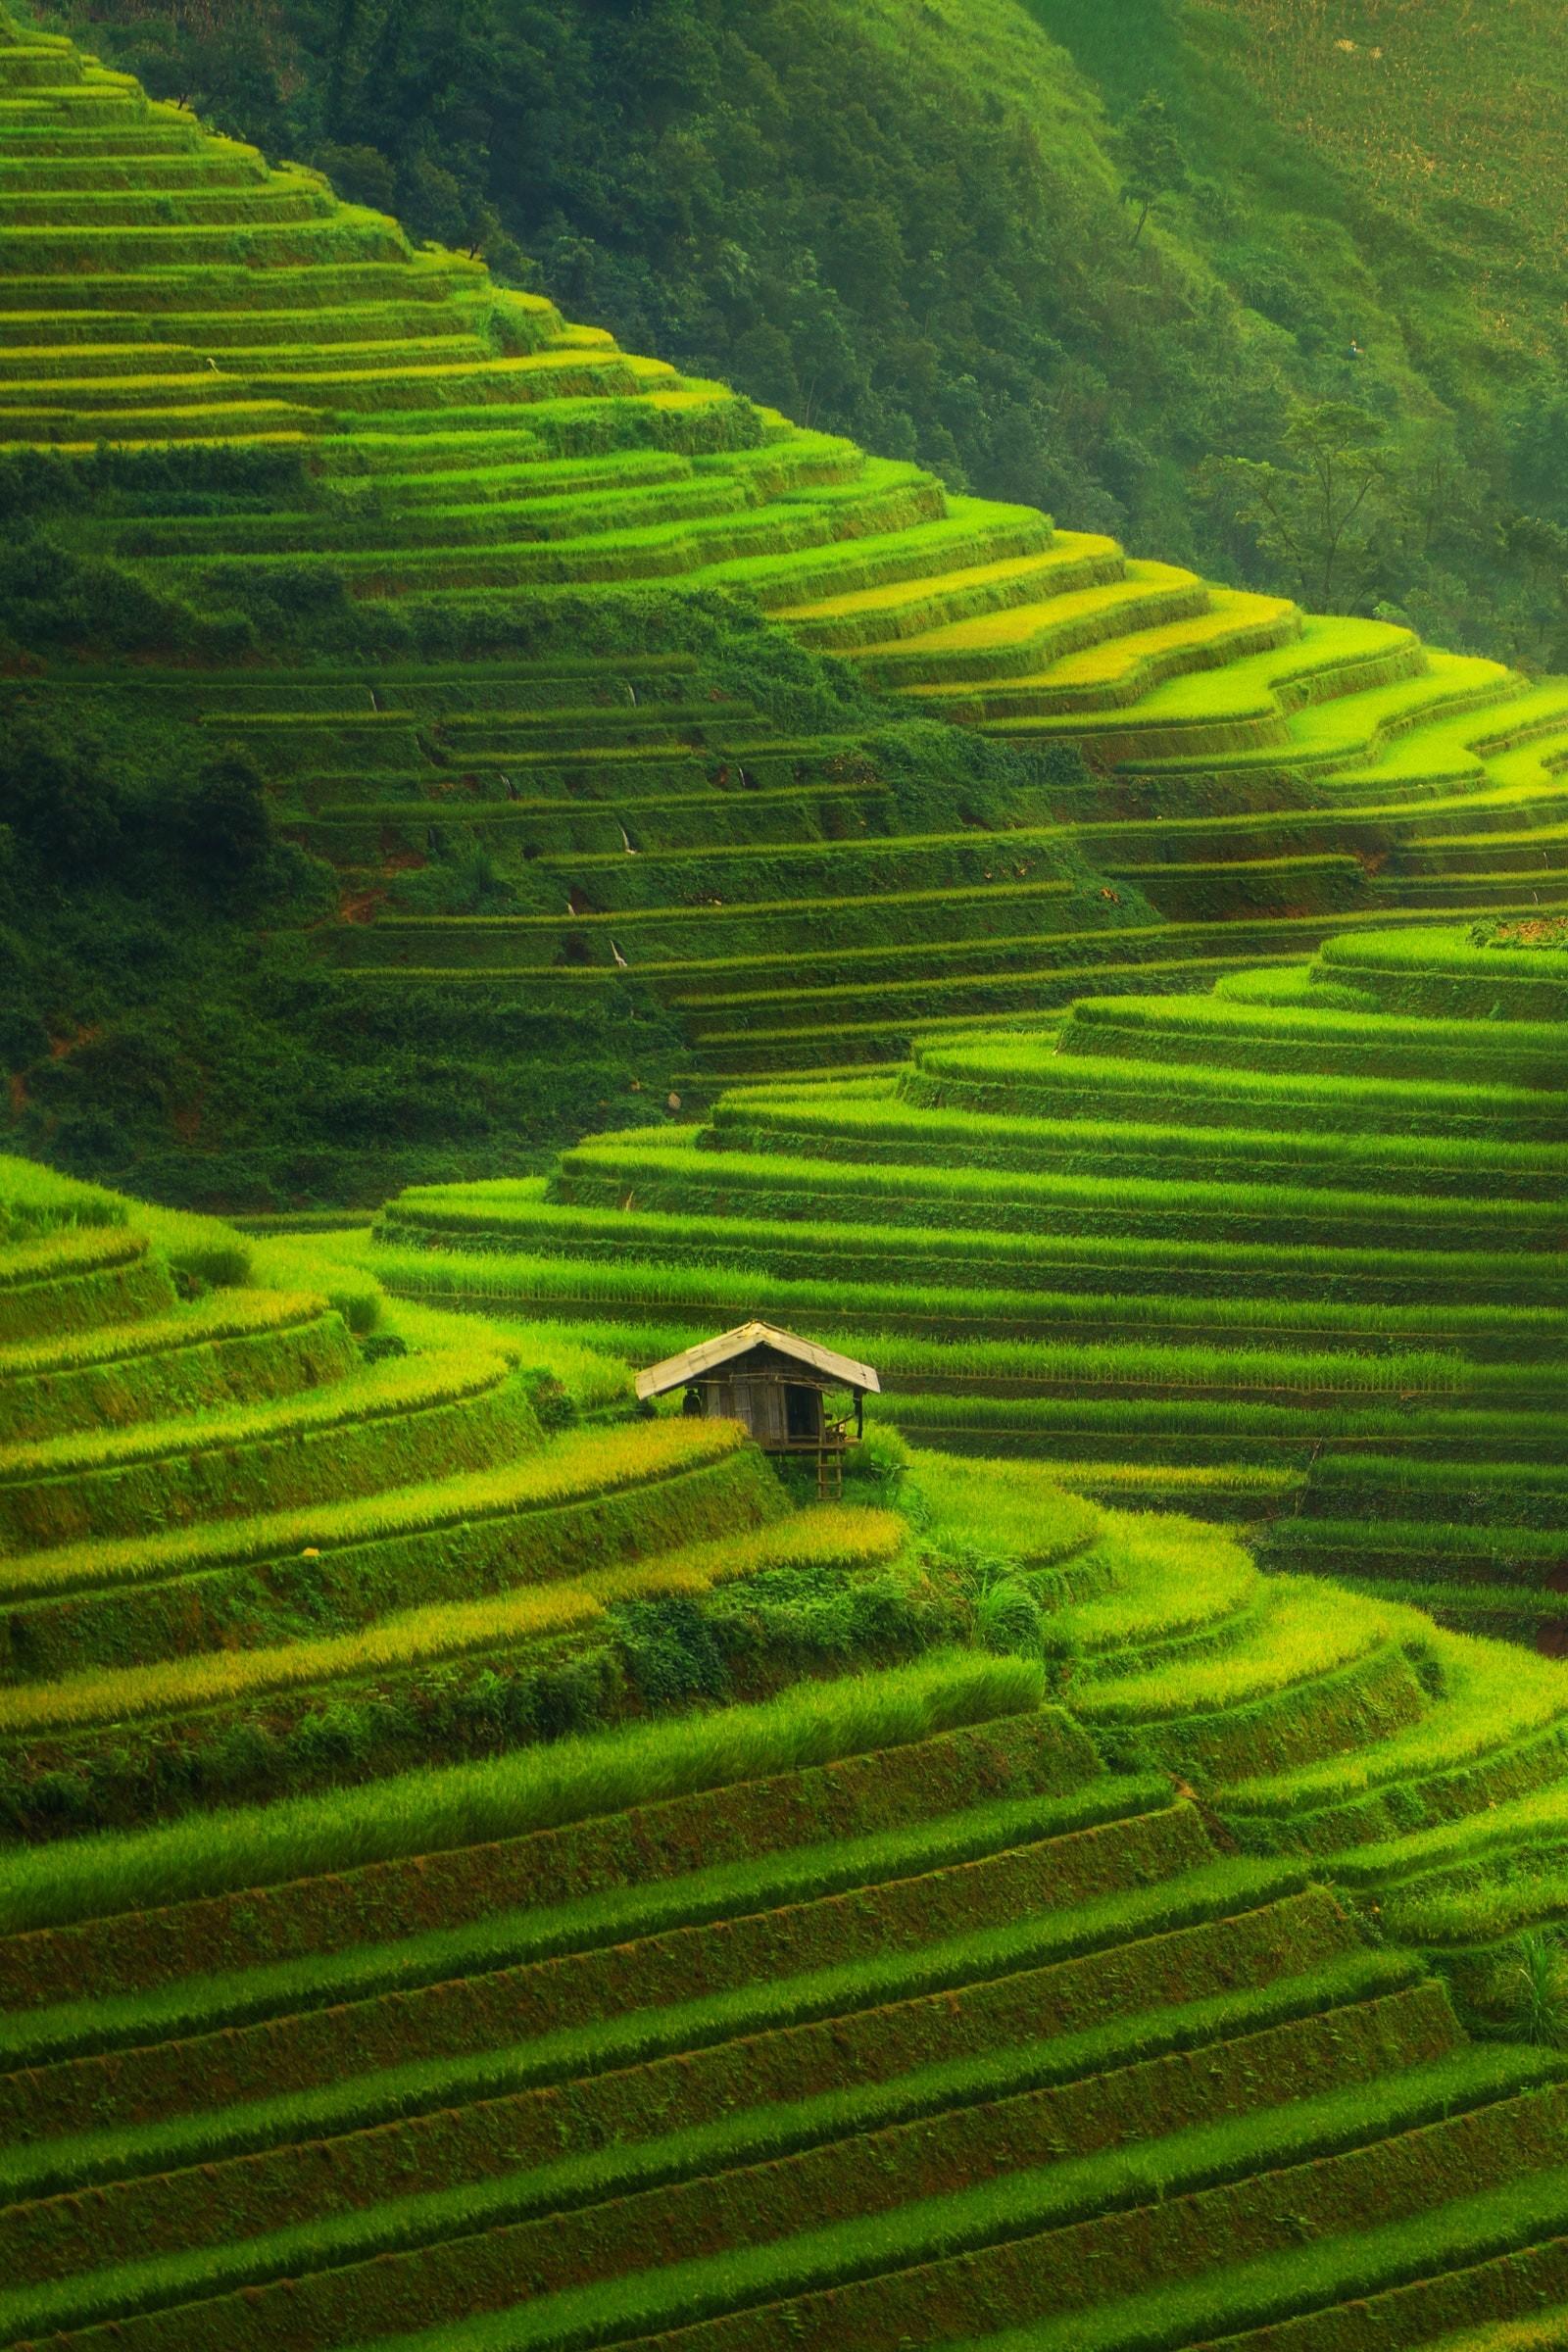 Рисовые террасные поля, Му Канг Чай, Вьетнам